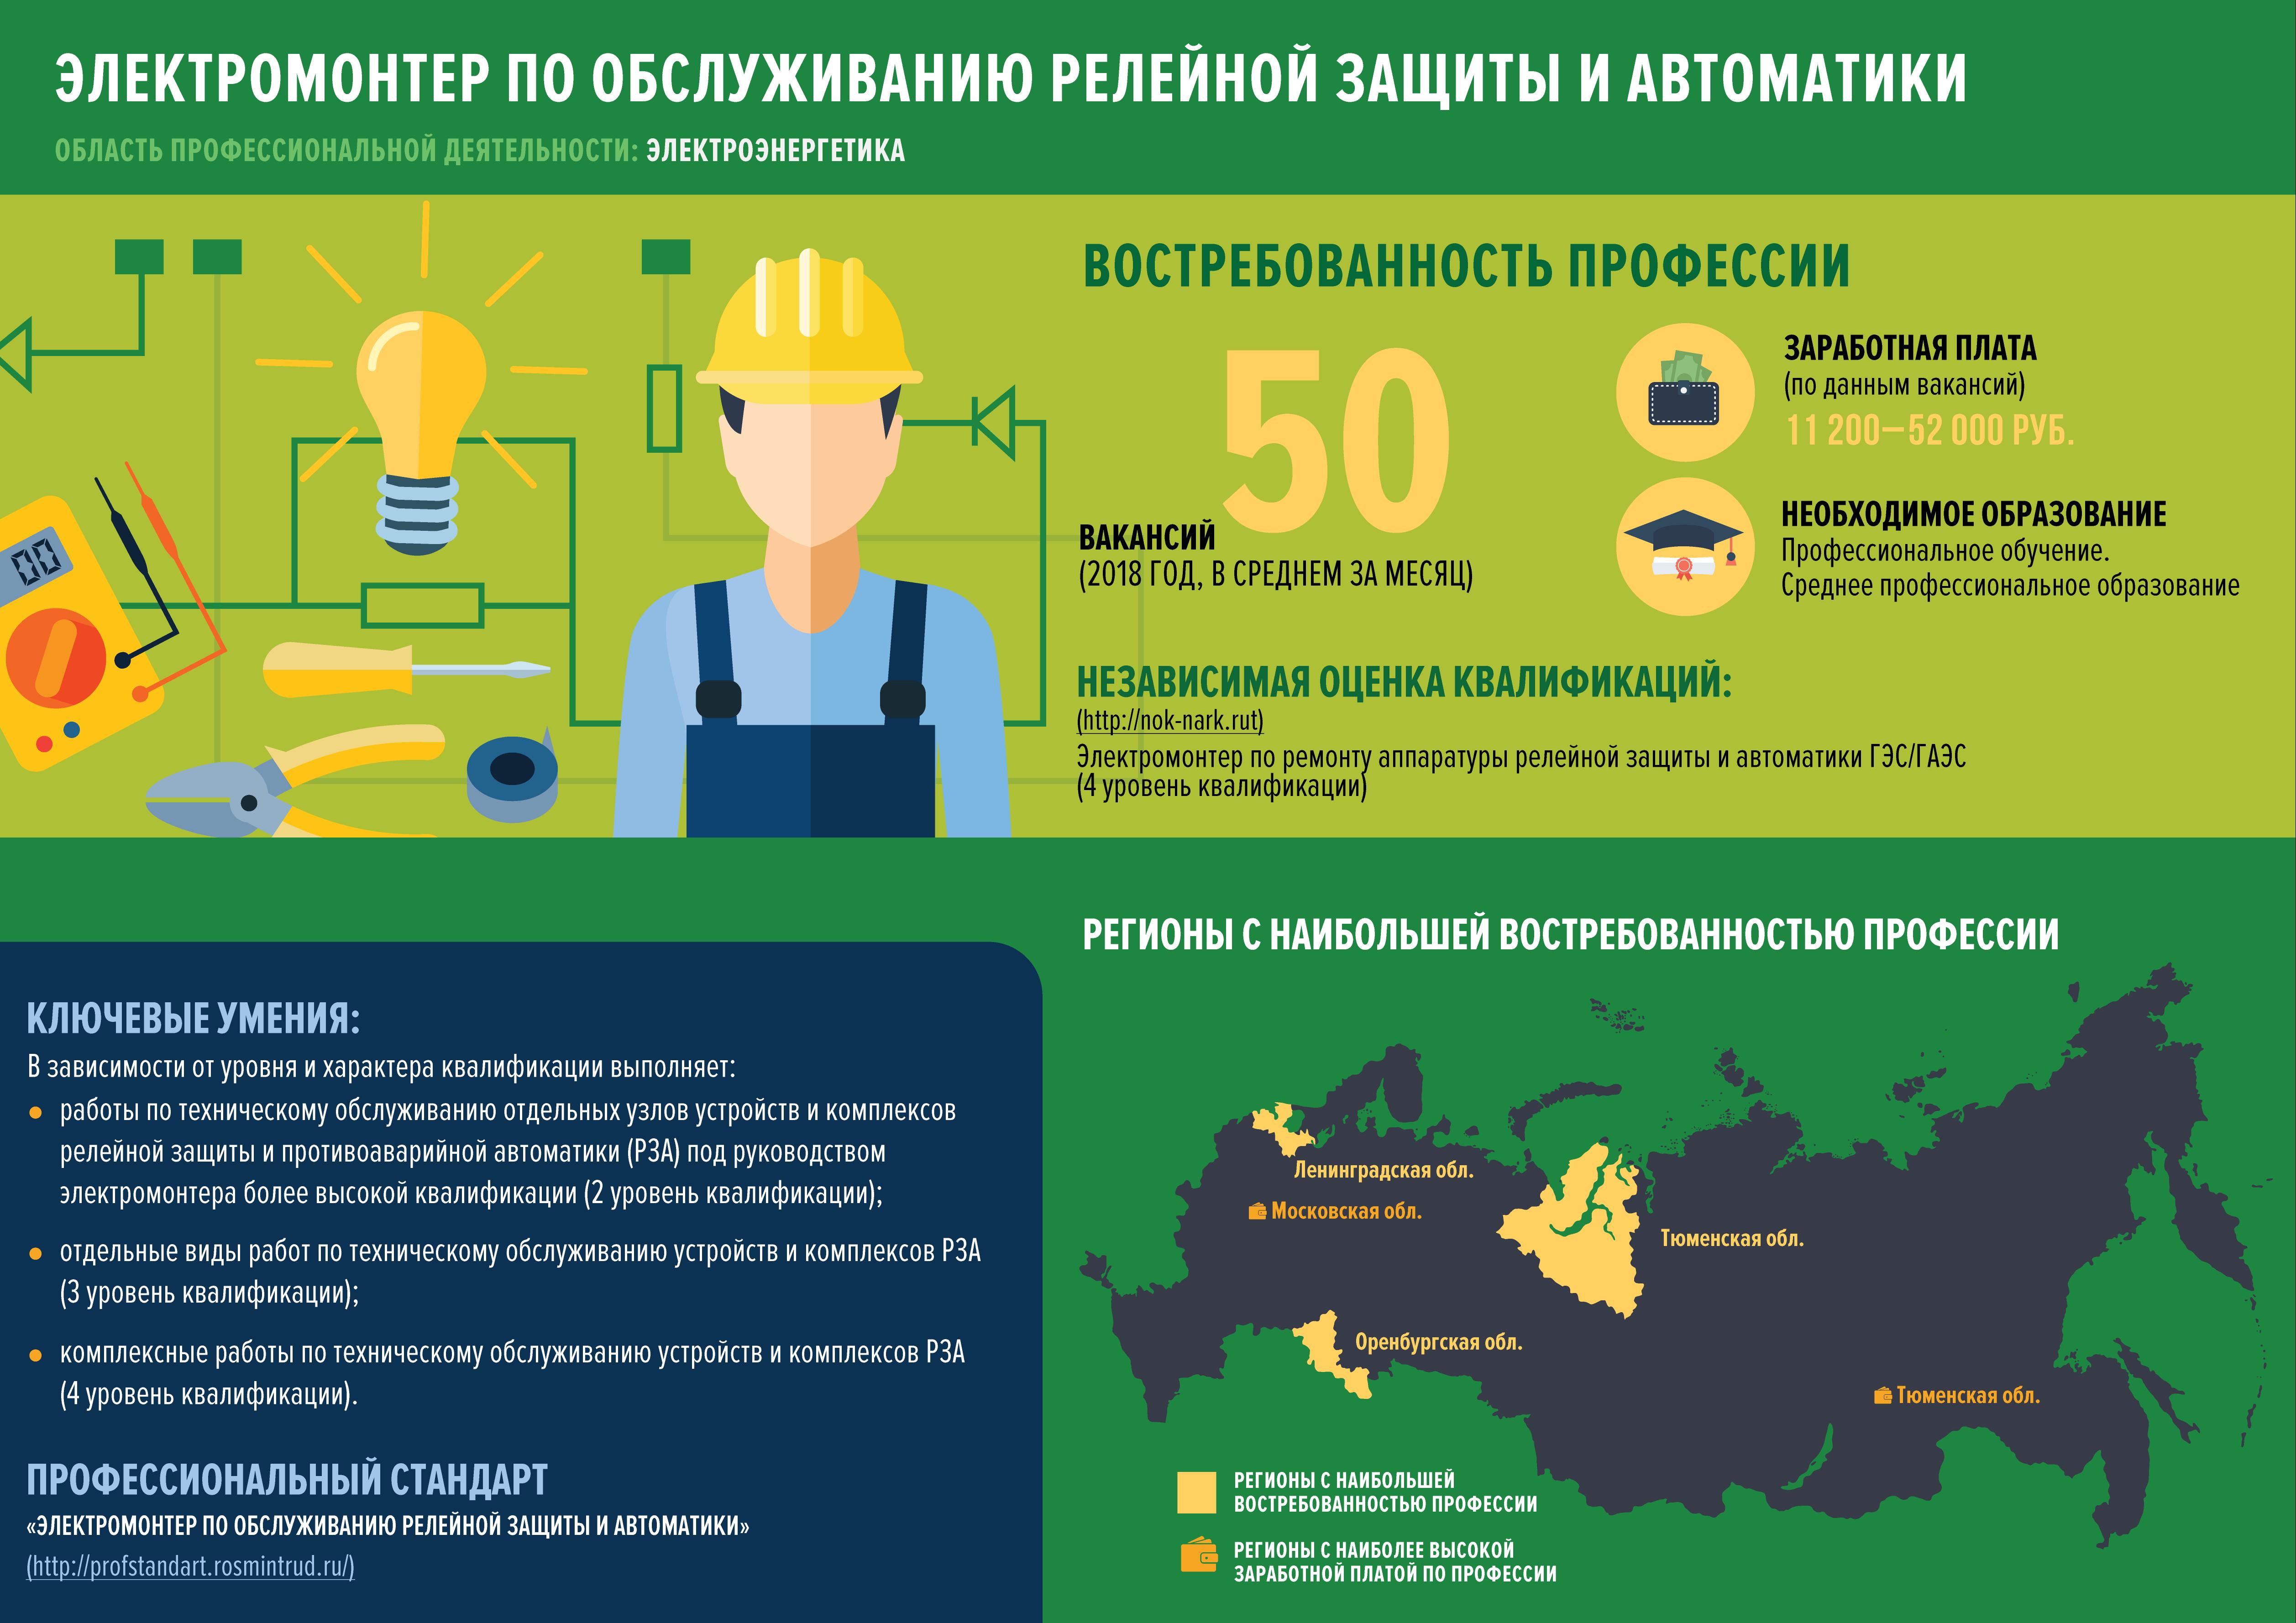 Электромонтер по обслуживанию релейной защиты и автоматики